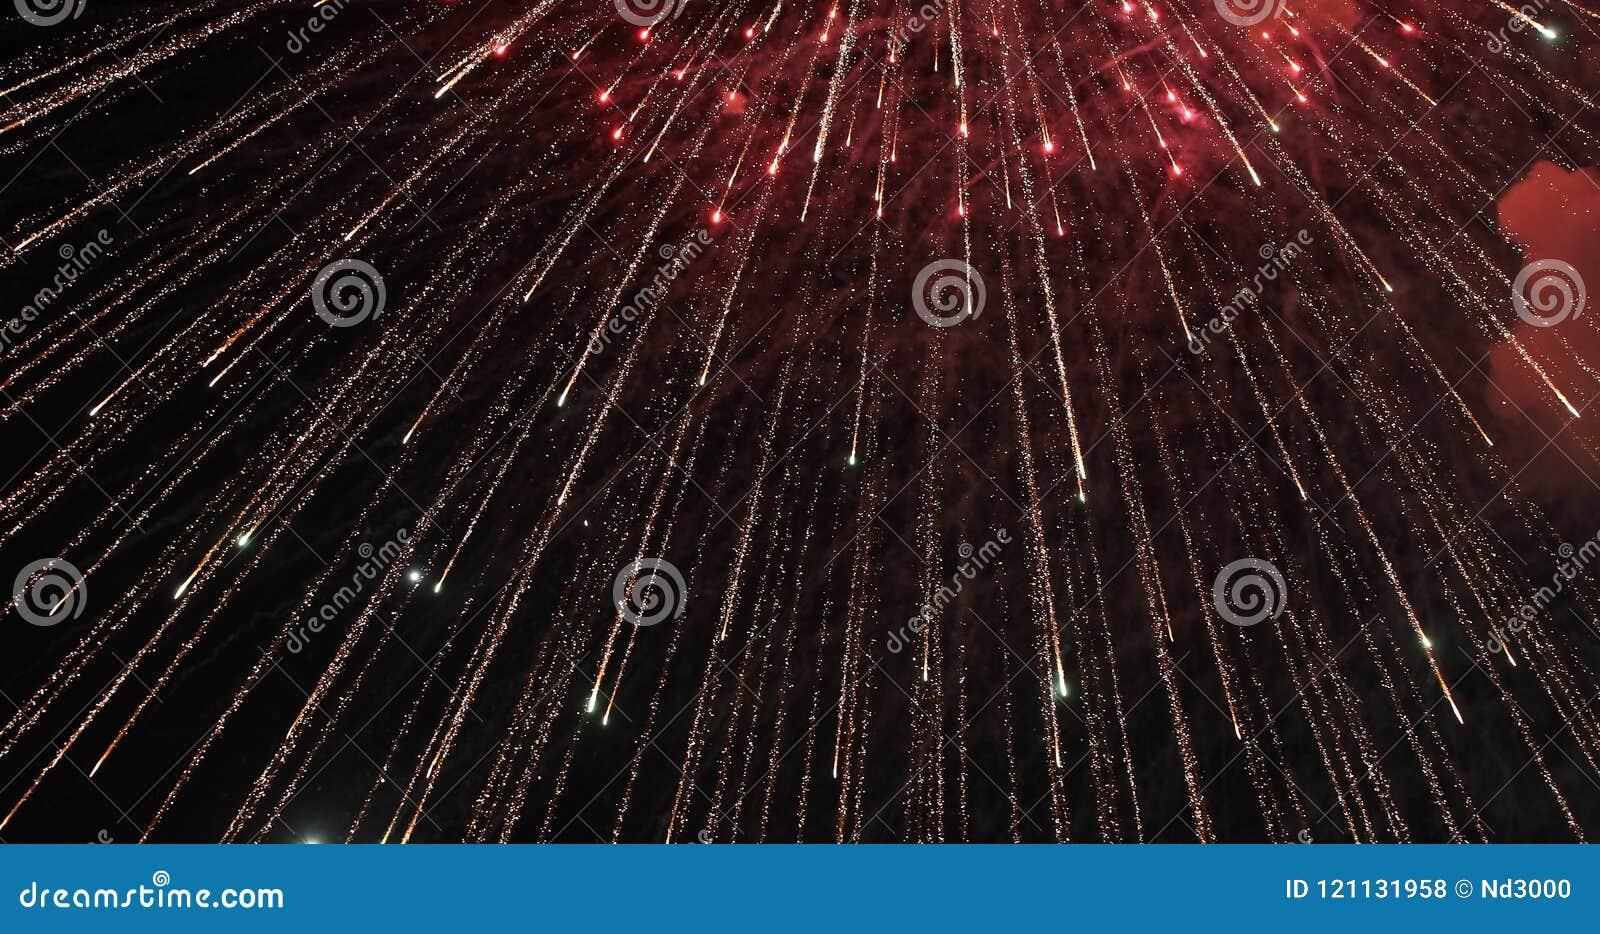 Firework Fogo de artifício brilhante comemorativo em um céu noturno